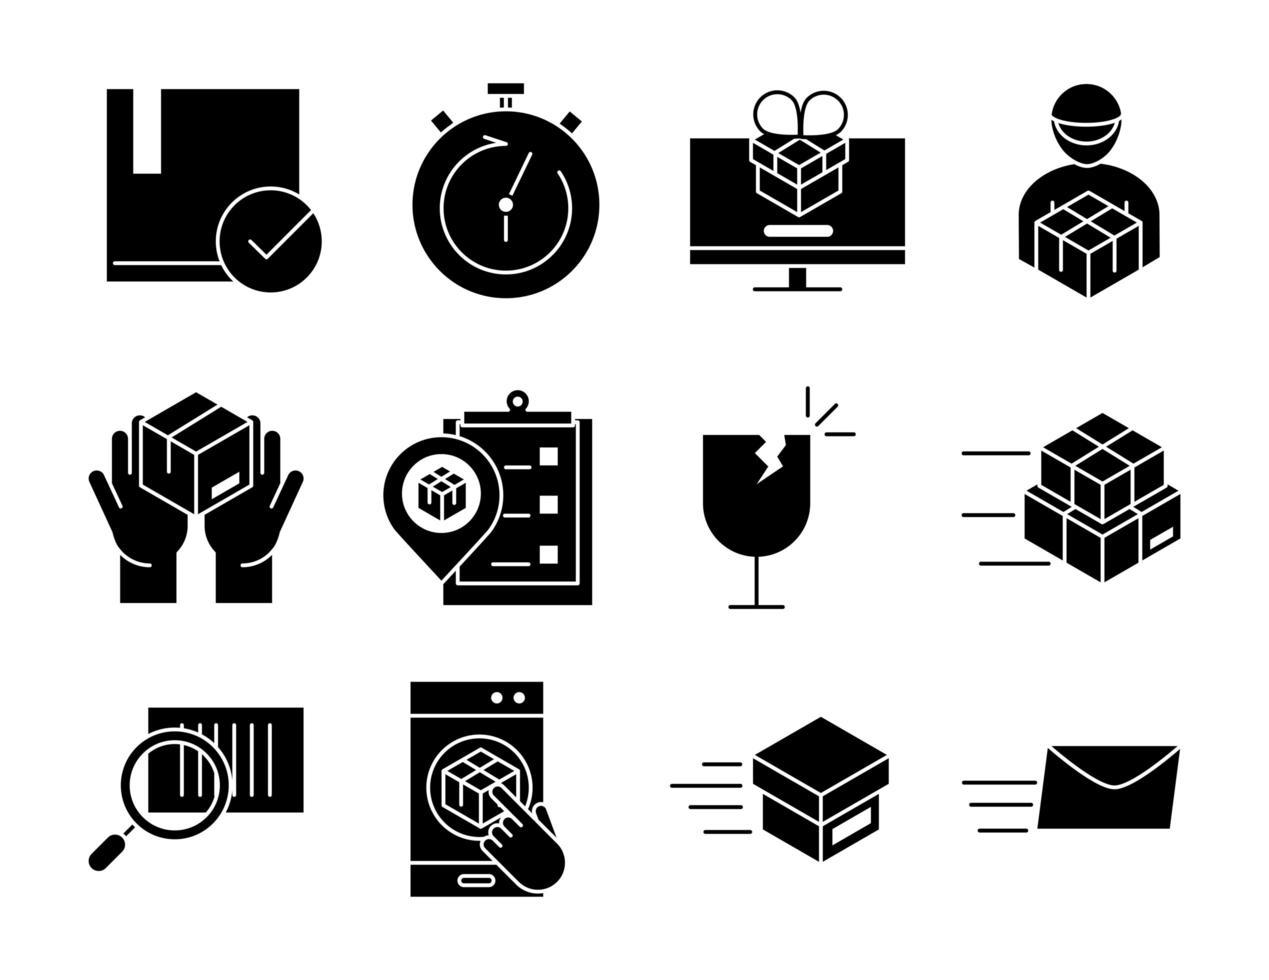 Lieferung und Logistik schwarz Icon Set vektor